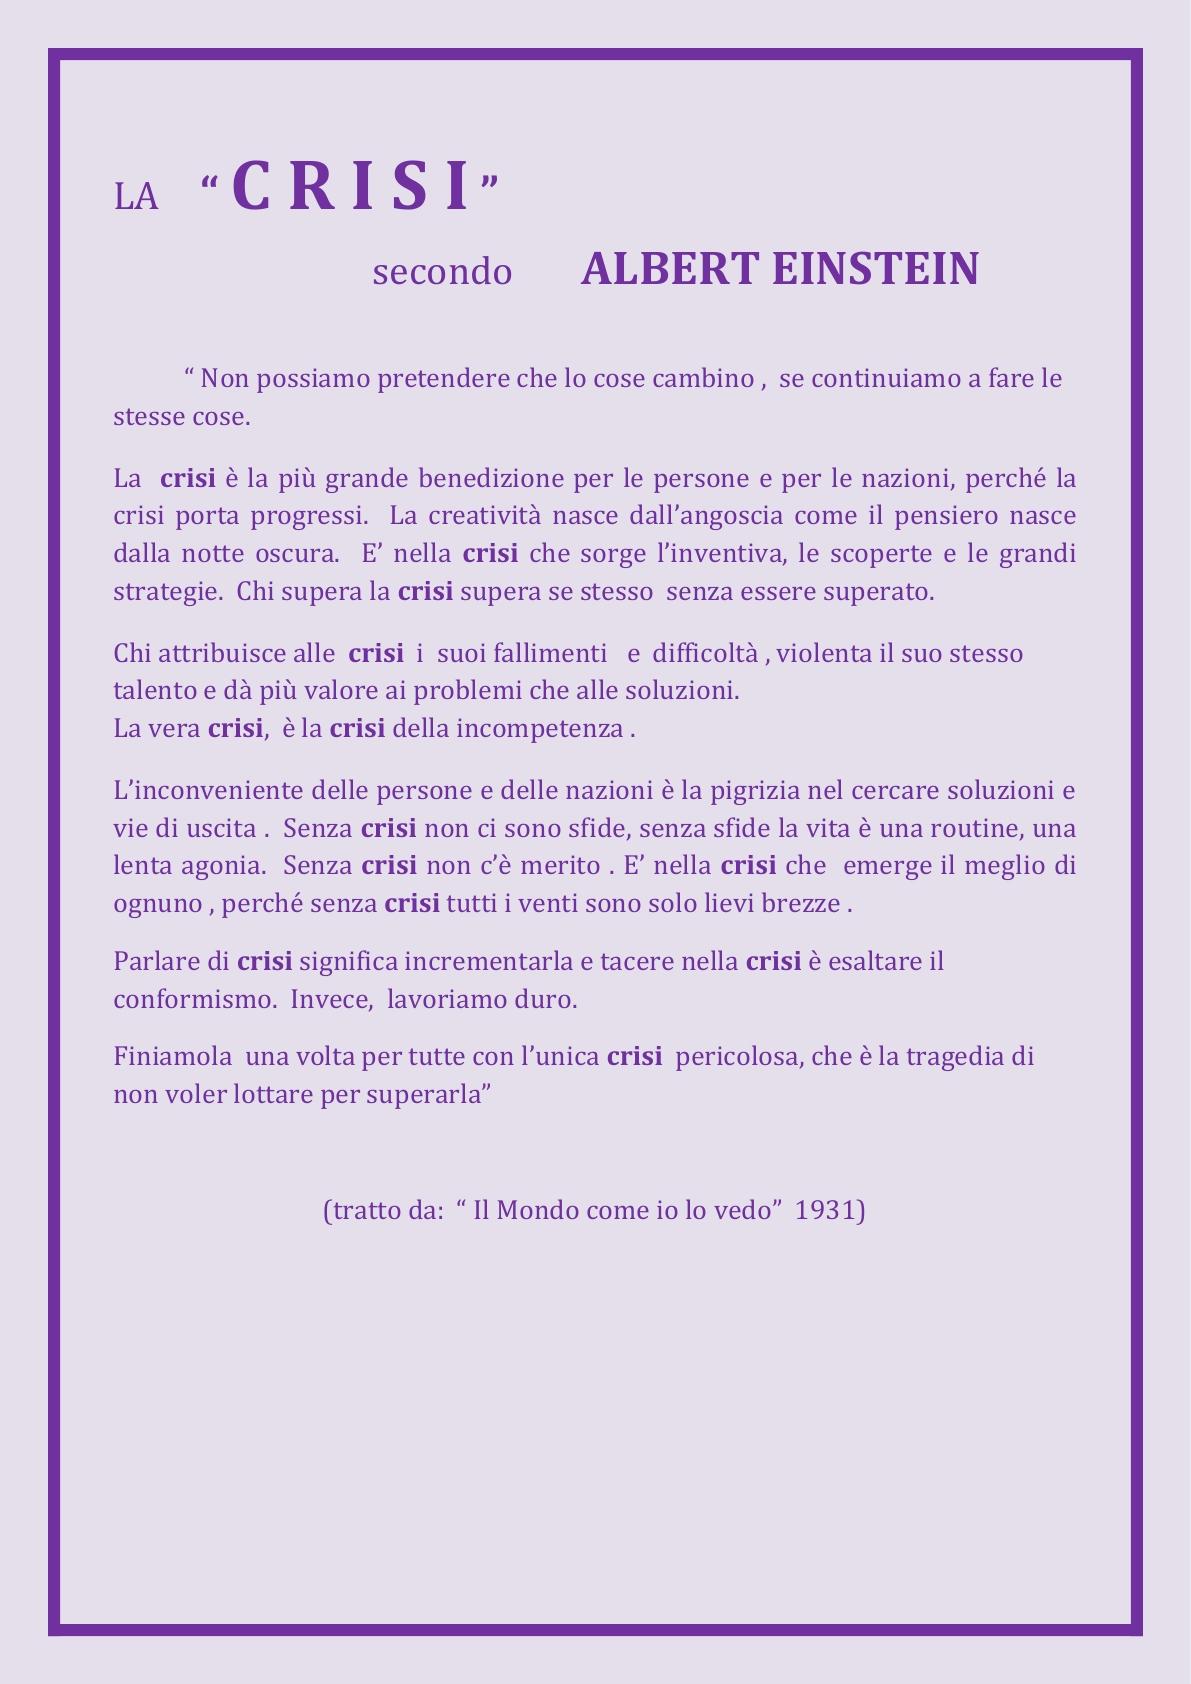 ALI  la CRISI secondo Albert Einstein OK